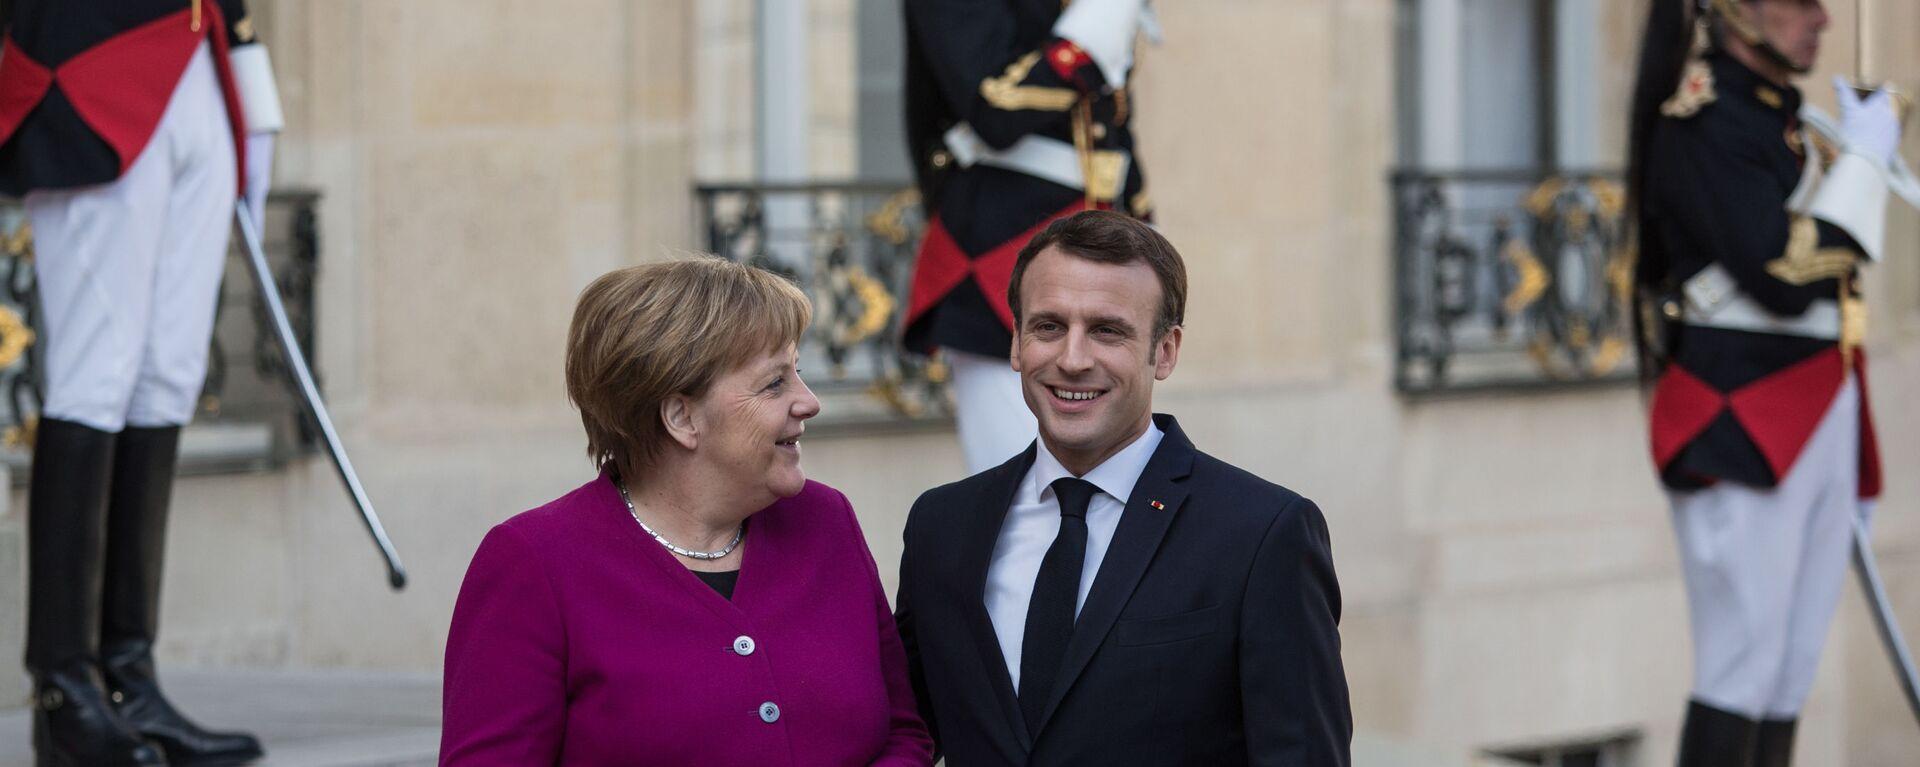 Německá kancléřka Angela Merkelová a francouzský prezident Emmanuel Macron - Sputnik Česká republika, 1920, 25.05.2021